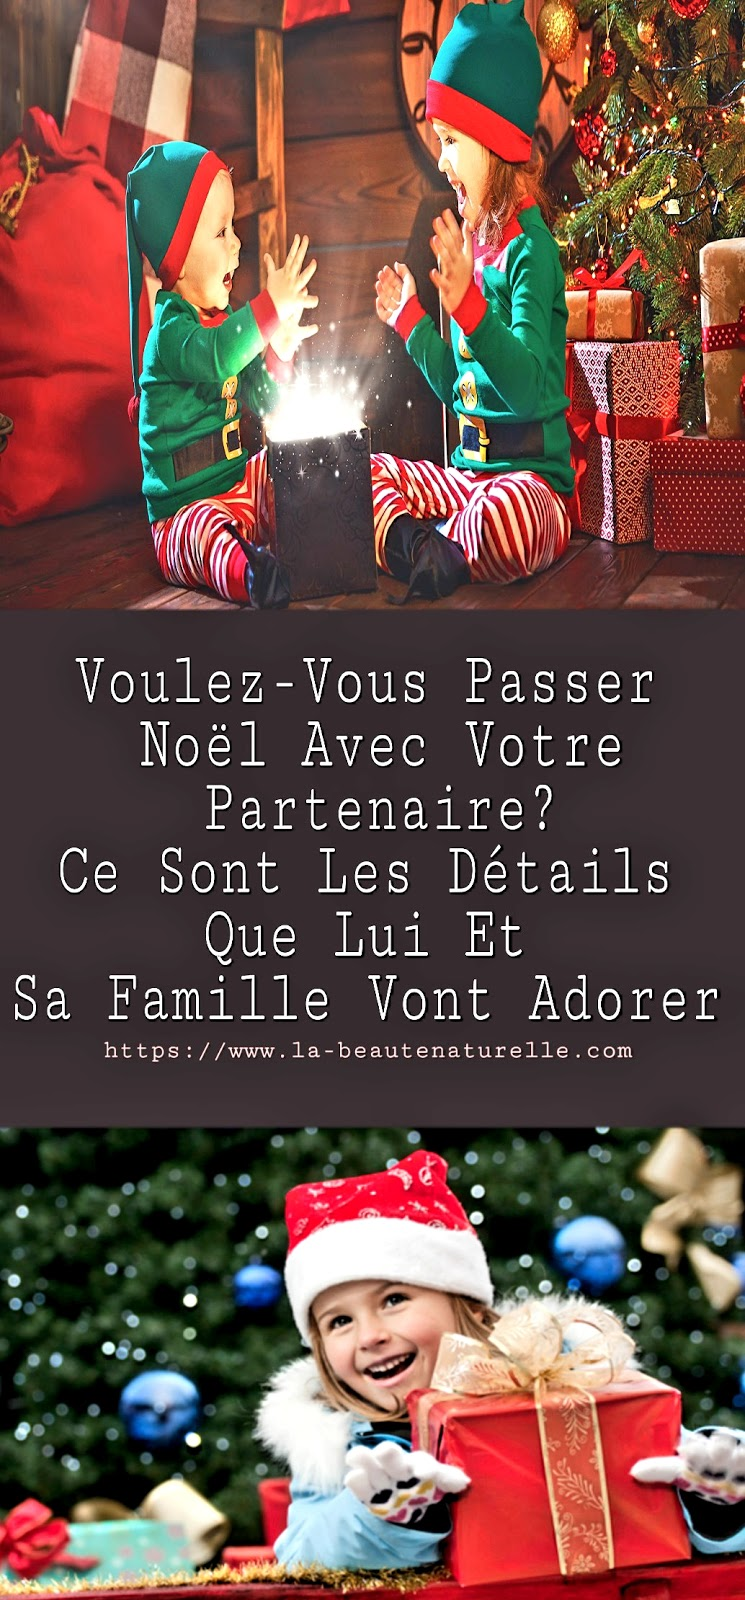 Voulez-Vous Passer Noël Avec Votre Partenaire? Ce Sont Les Détails Que Lui Et Sa Famille Vont Adorer